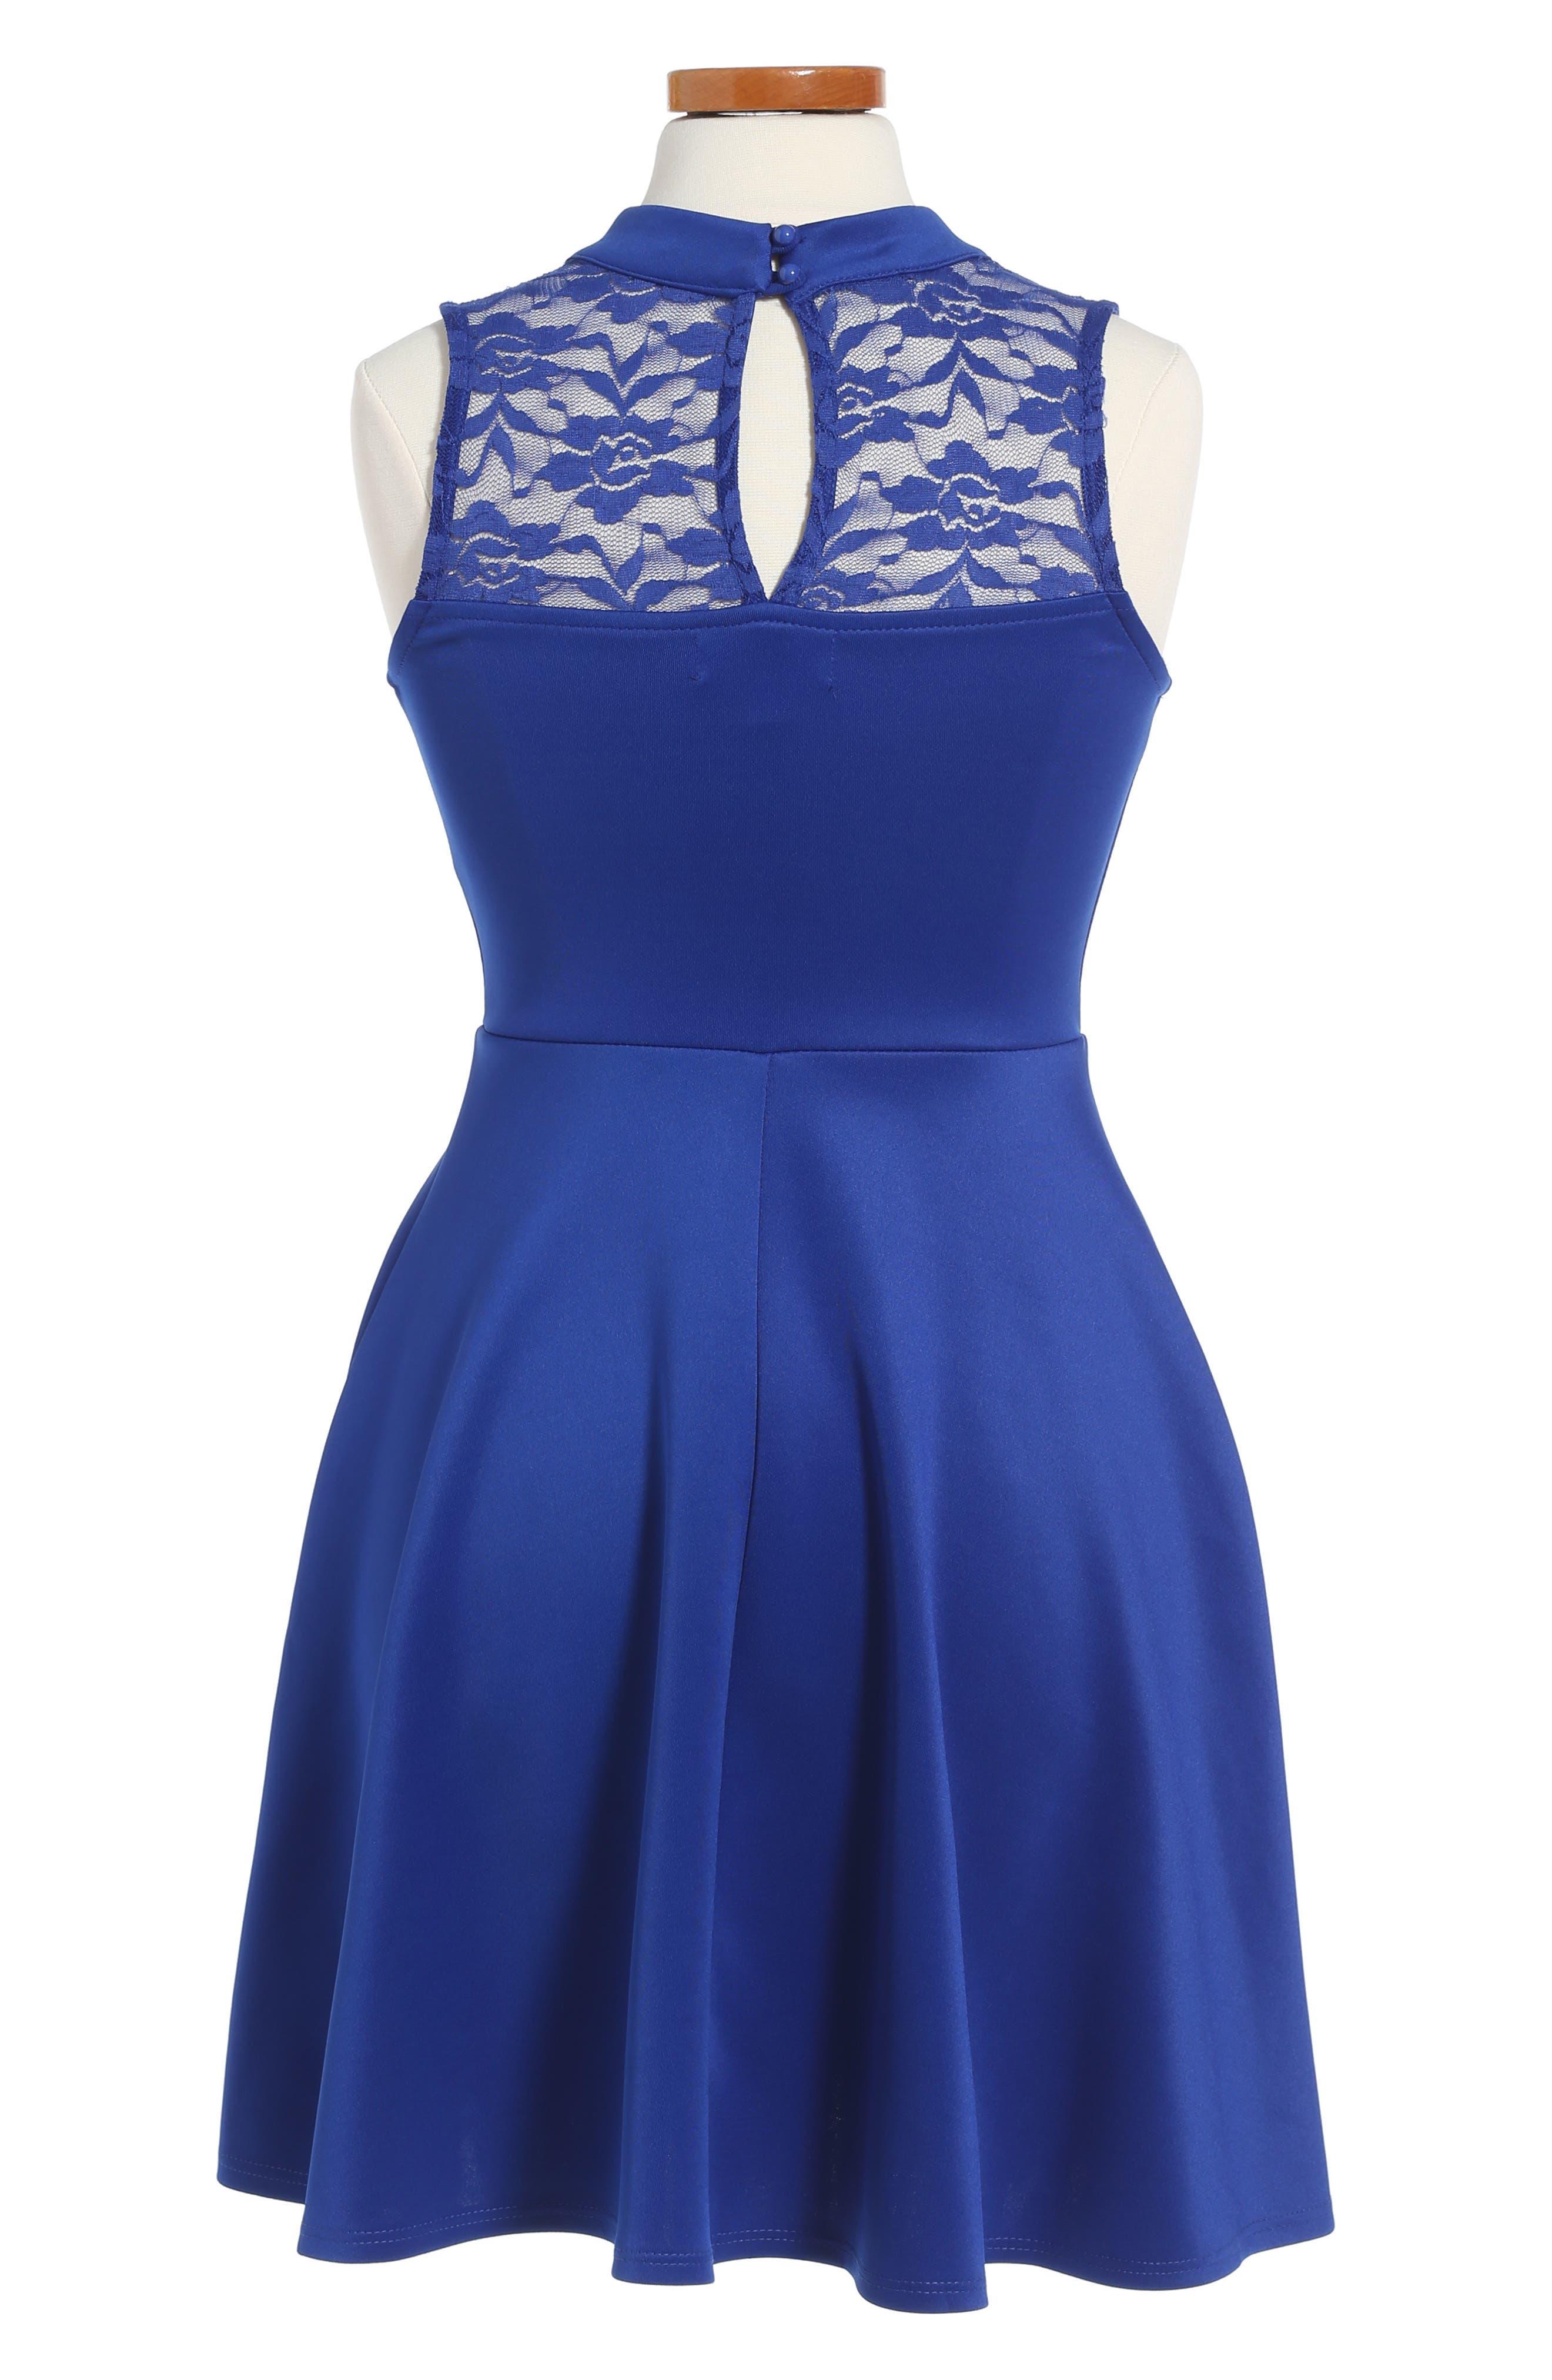 Lace Scuba Dress,                             Alternate thumbnail 2, color,                             420